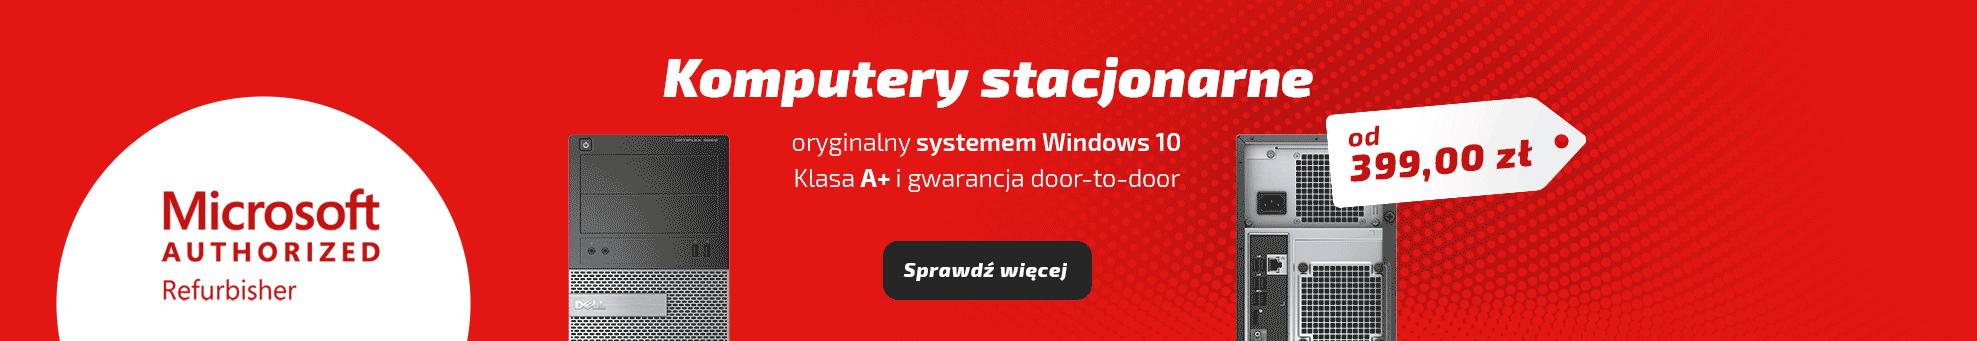 s1-stacjonarne